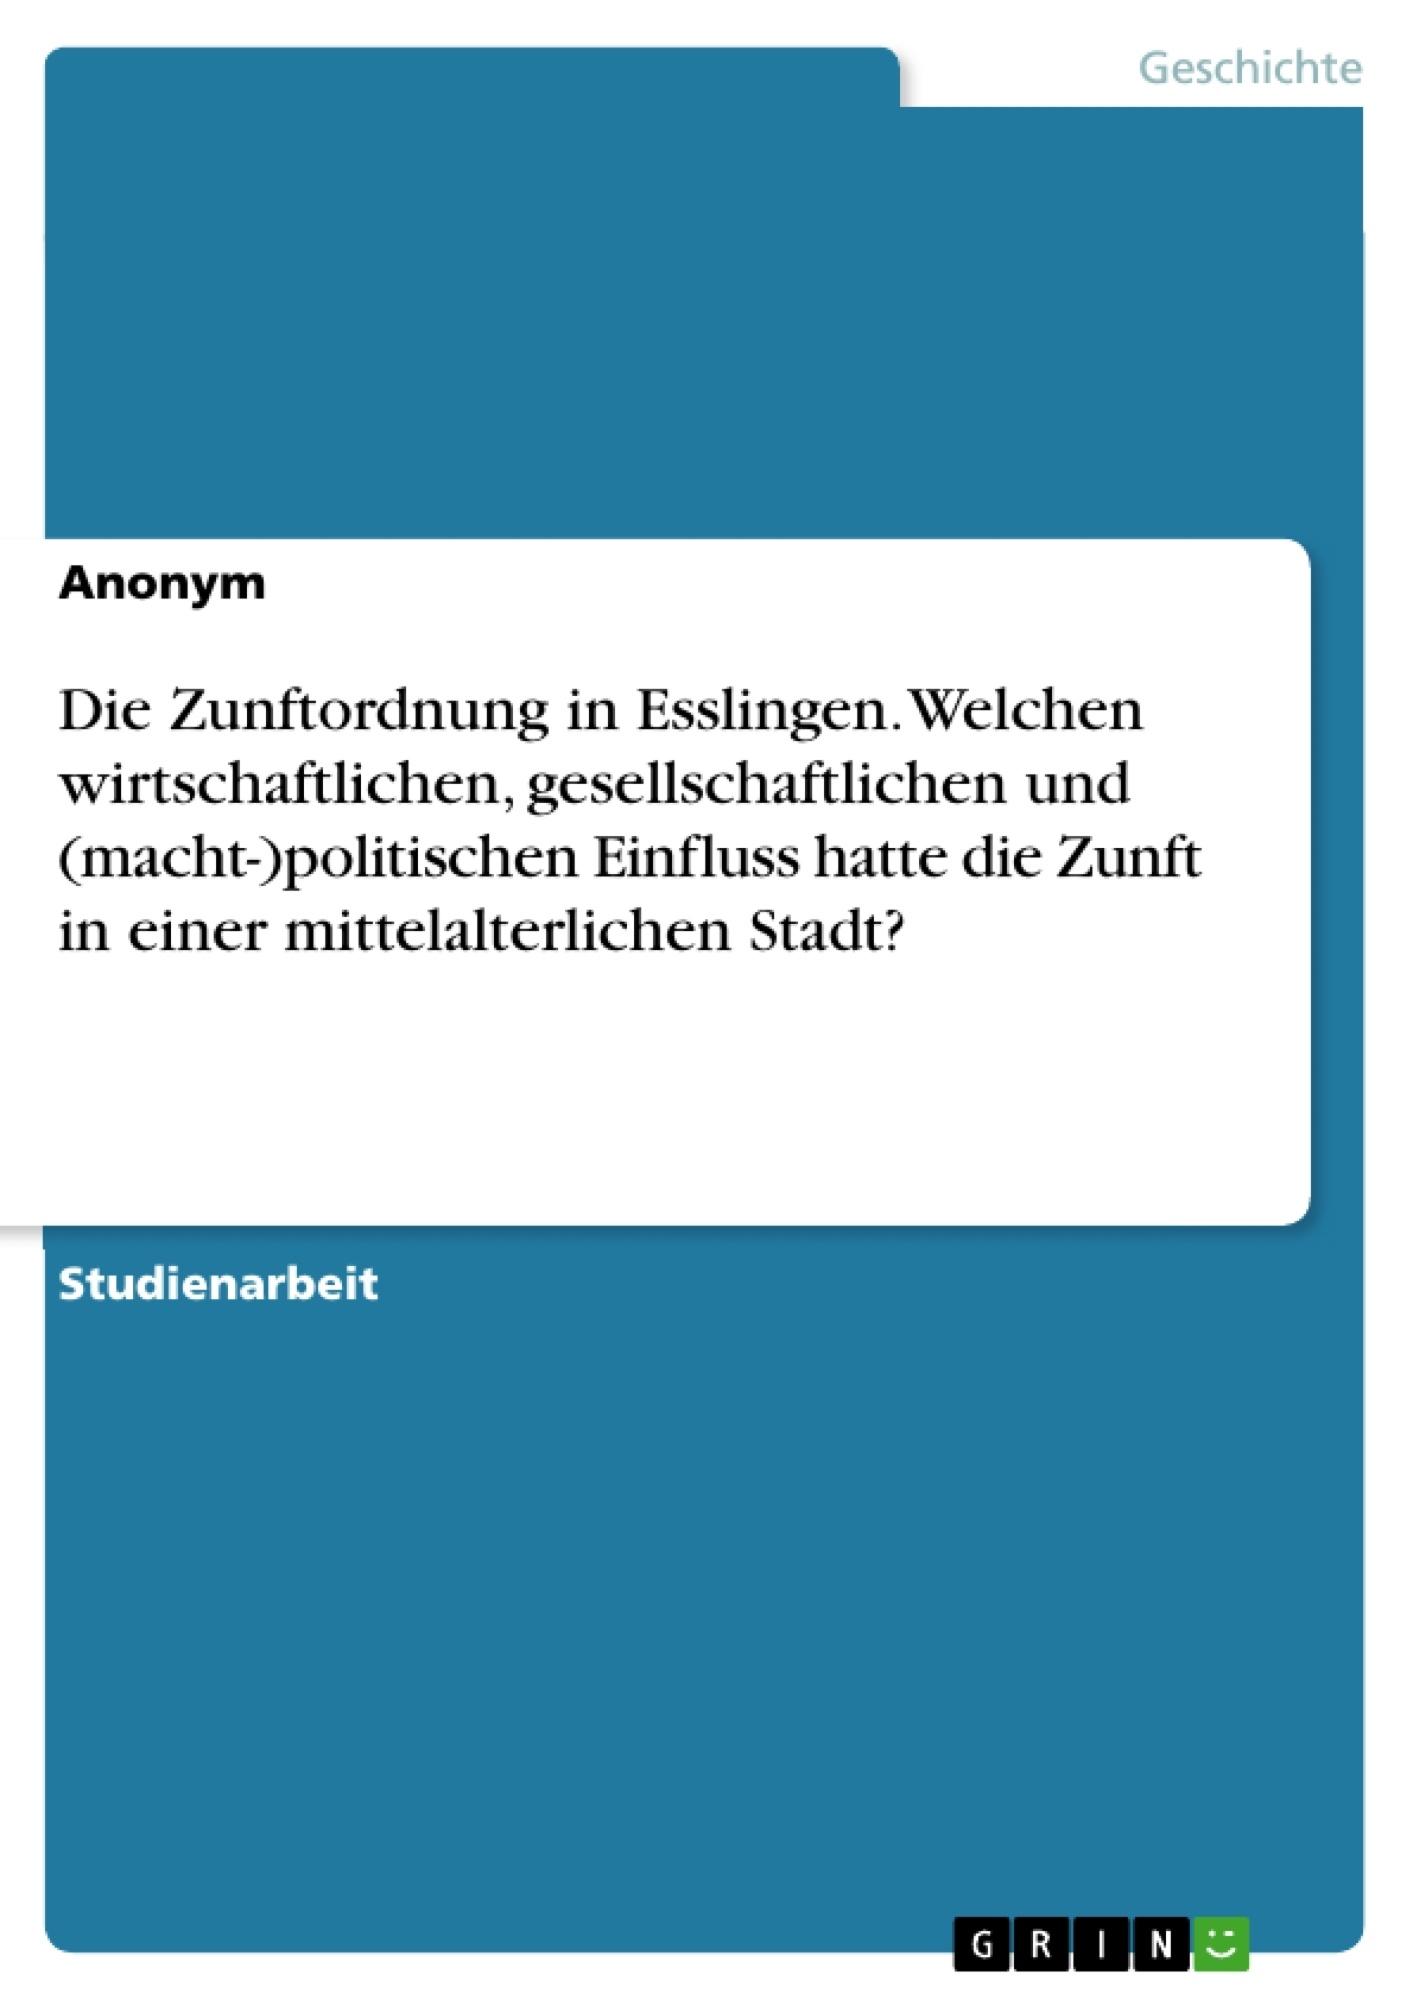 Titel: Die Zunftordnung in Esslingen. Welchen wirtschaftlichen, gesellschaftlichen und (macht-)politischen Einfluss hatte die Zunft in einer mittelalterlichen Stadt?